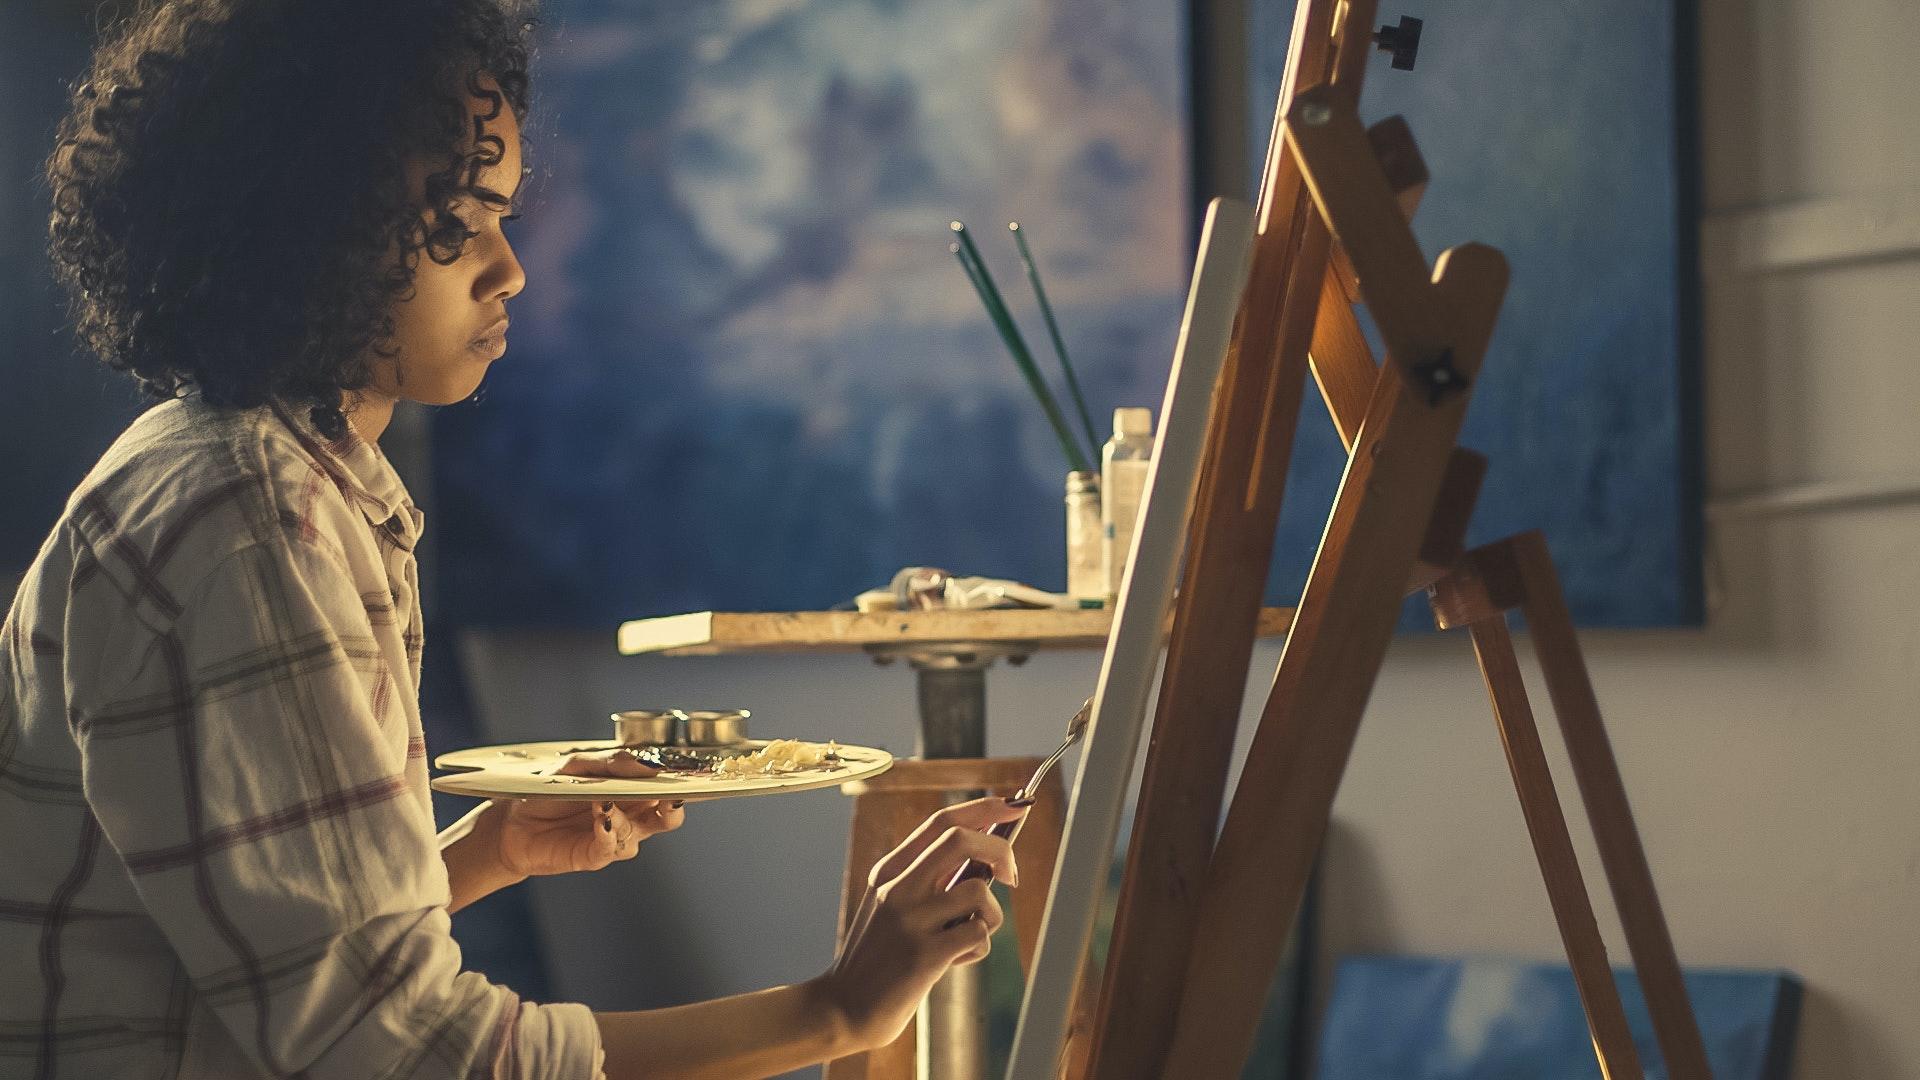 Boîte de peinture de la fille de pensée critique